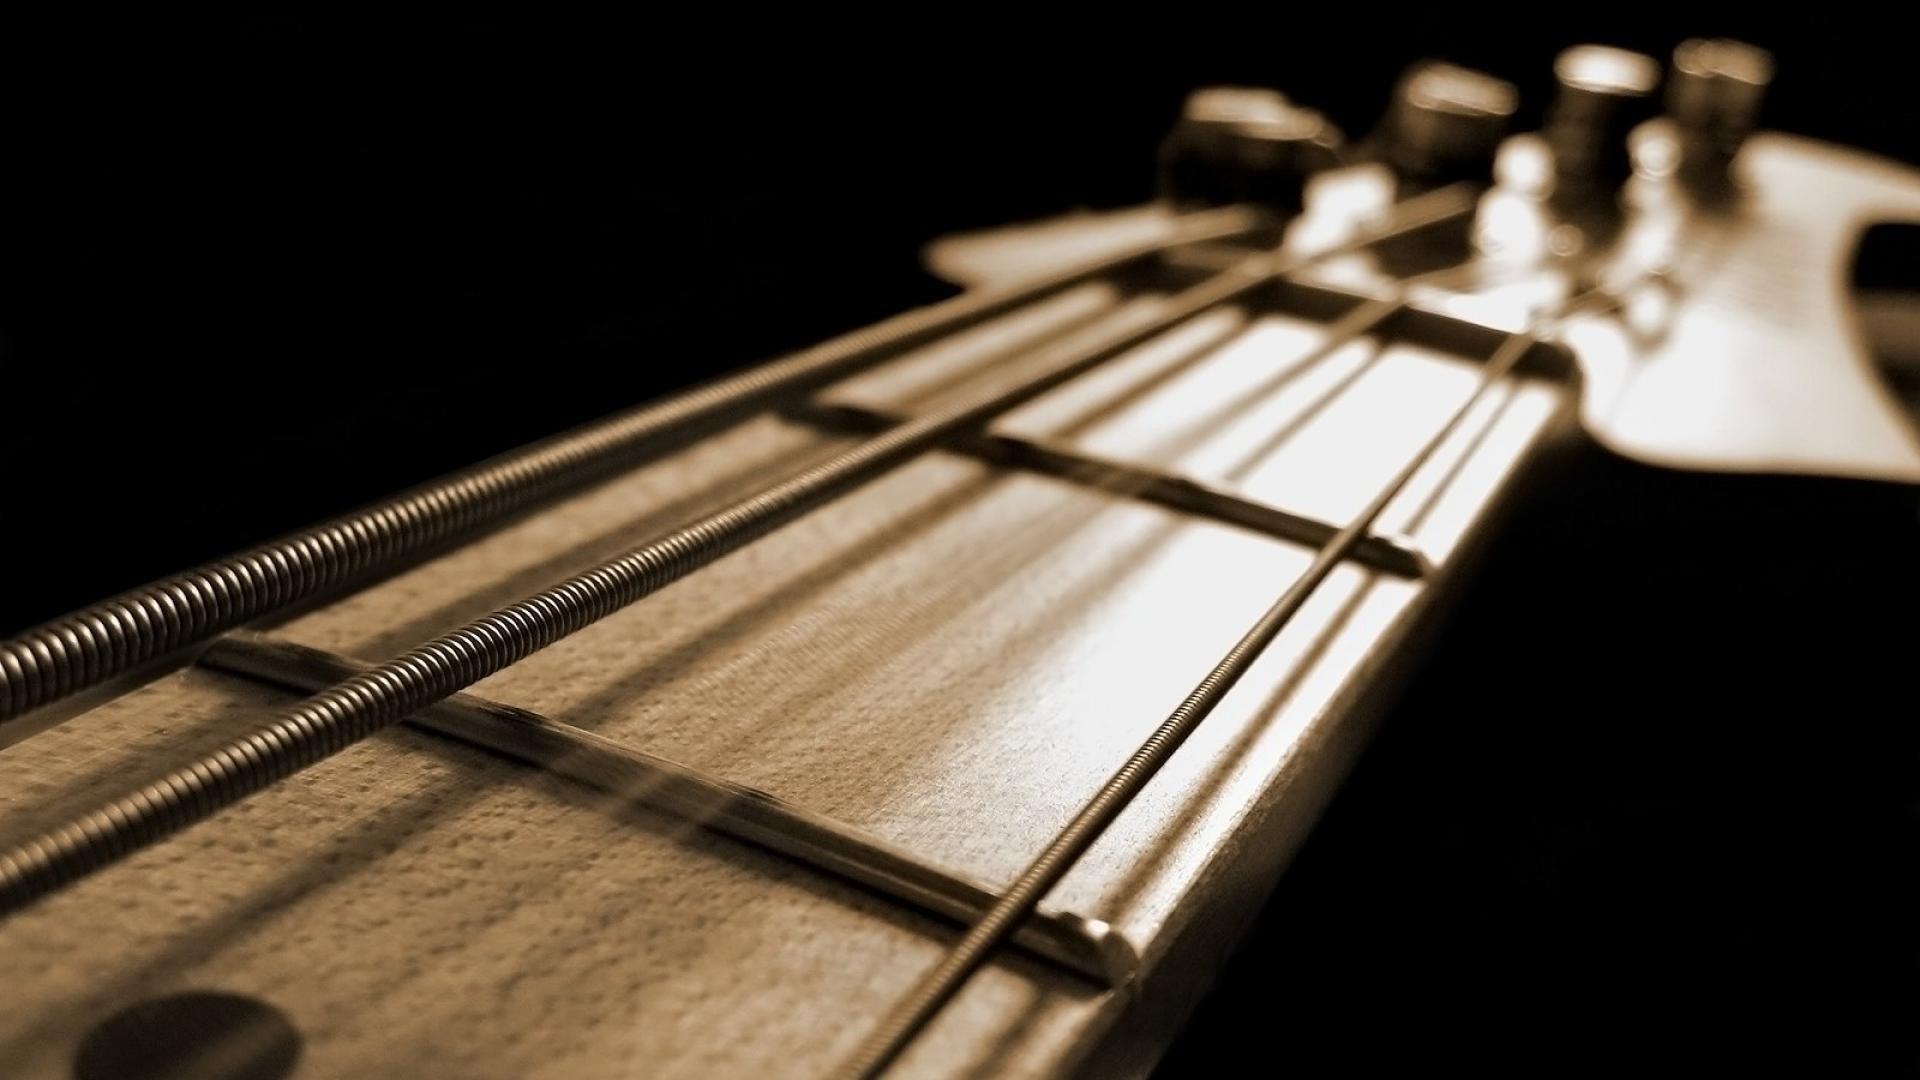 Hd Bass Guitar Wallpaper 67 Images